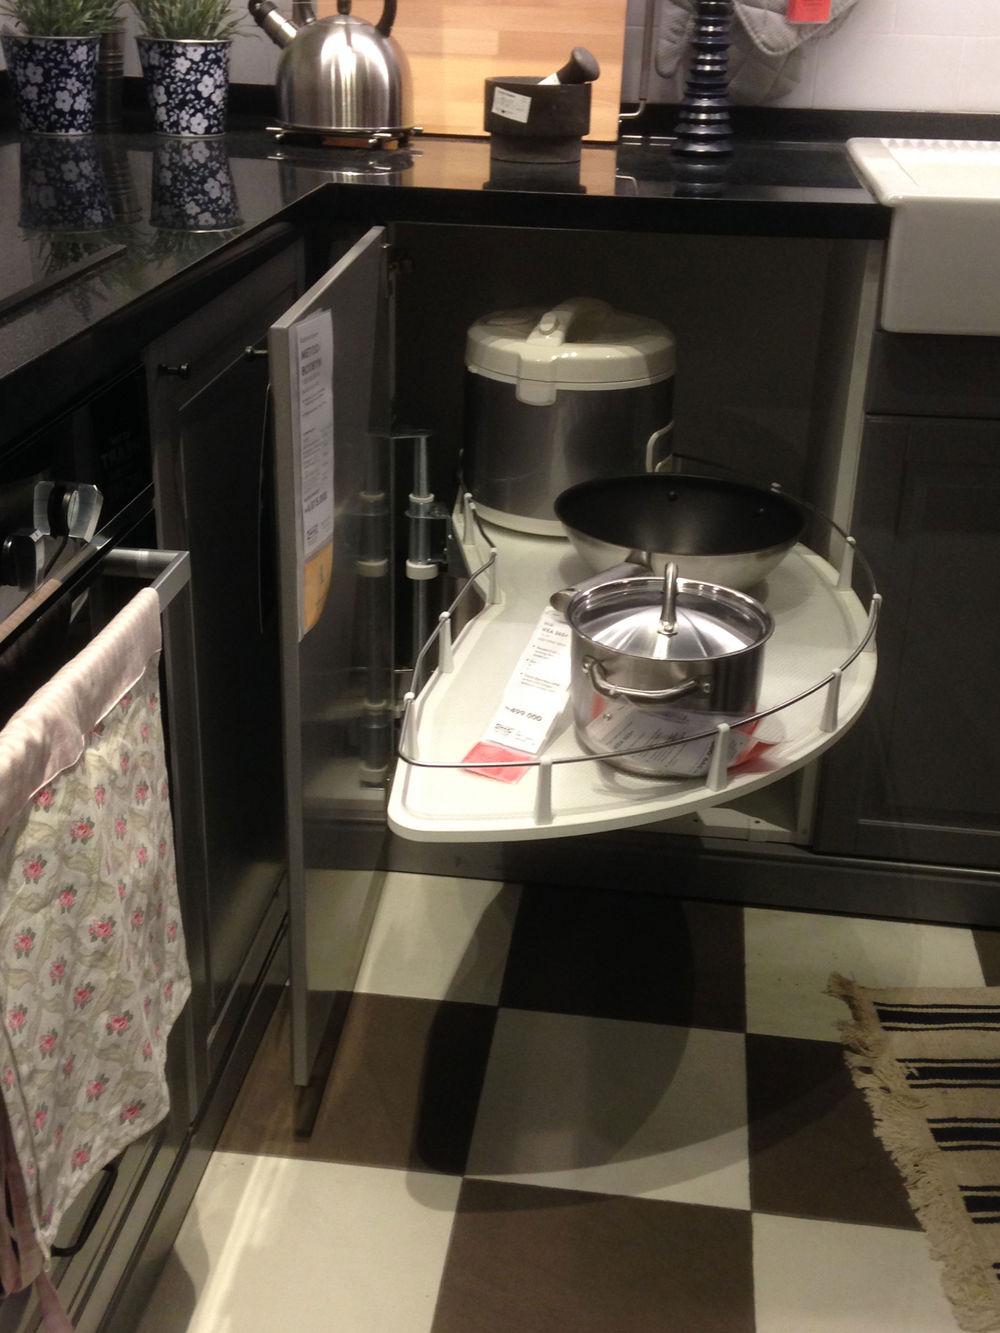 IKEA Tawarkan Dekorasi Dapur Idaman Sesuai Bujet yang Dimiliki